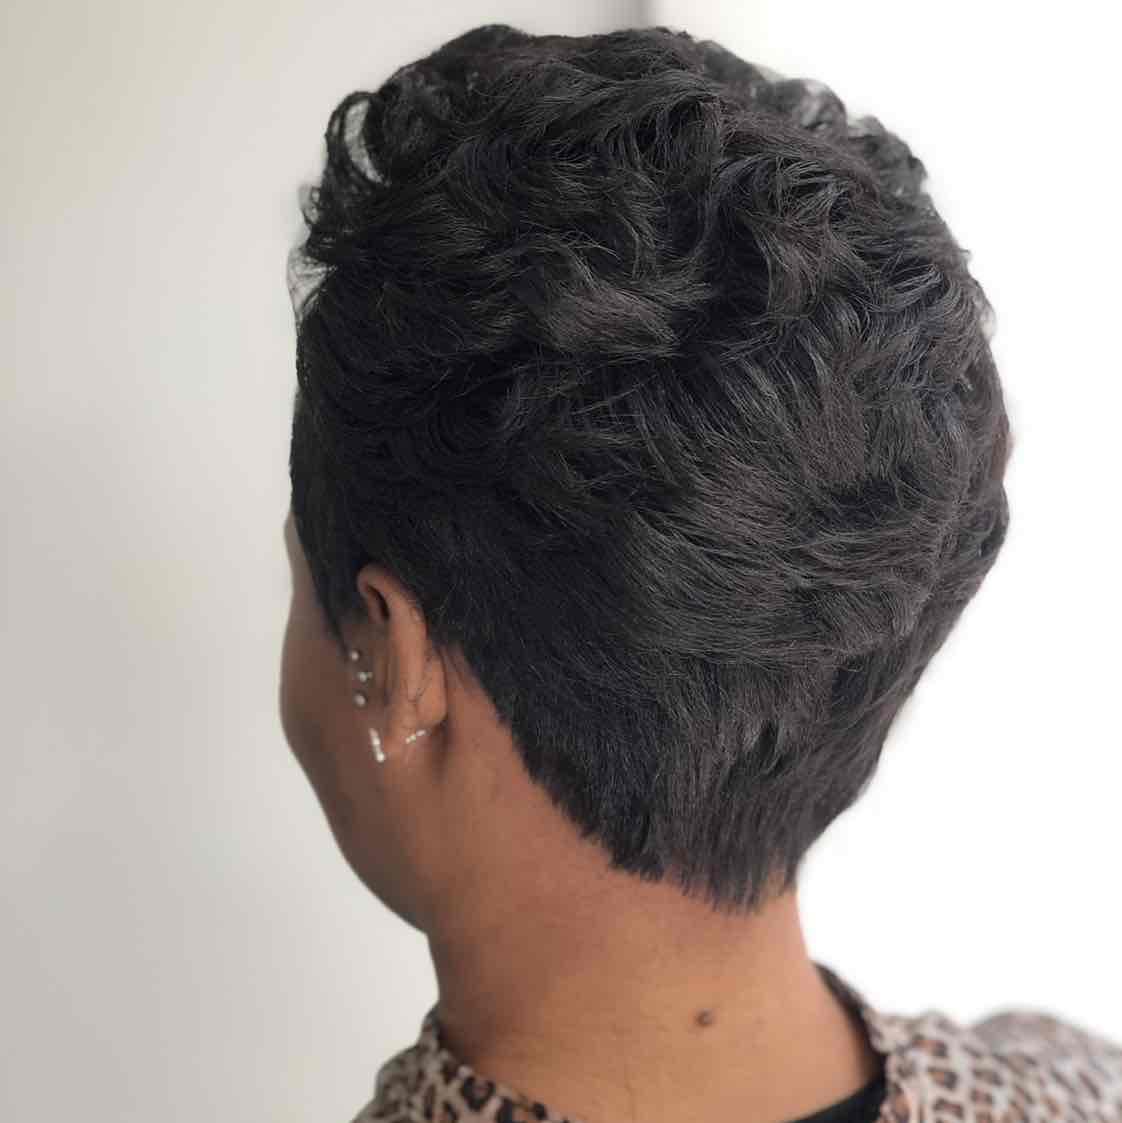 salon de coiffure afro tresse tresses box braids crochet braids vanilles tissages paris 75 77 78 91 92 93 94 95 AULWYBHY